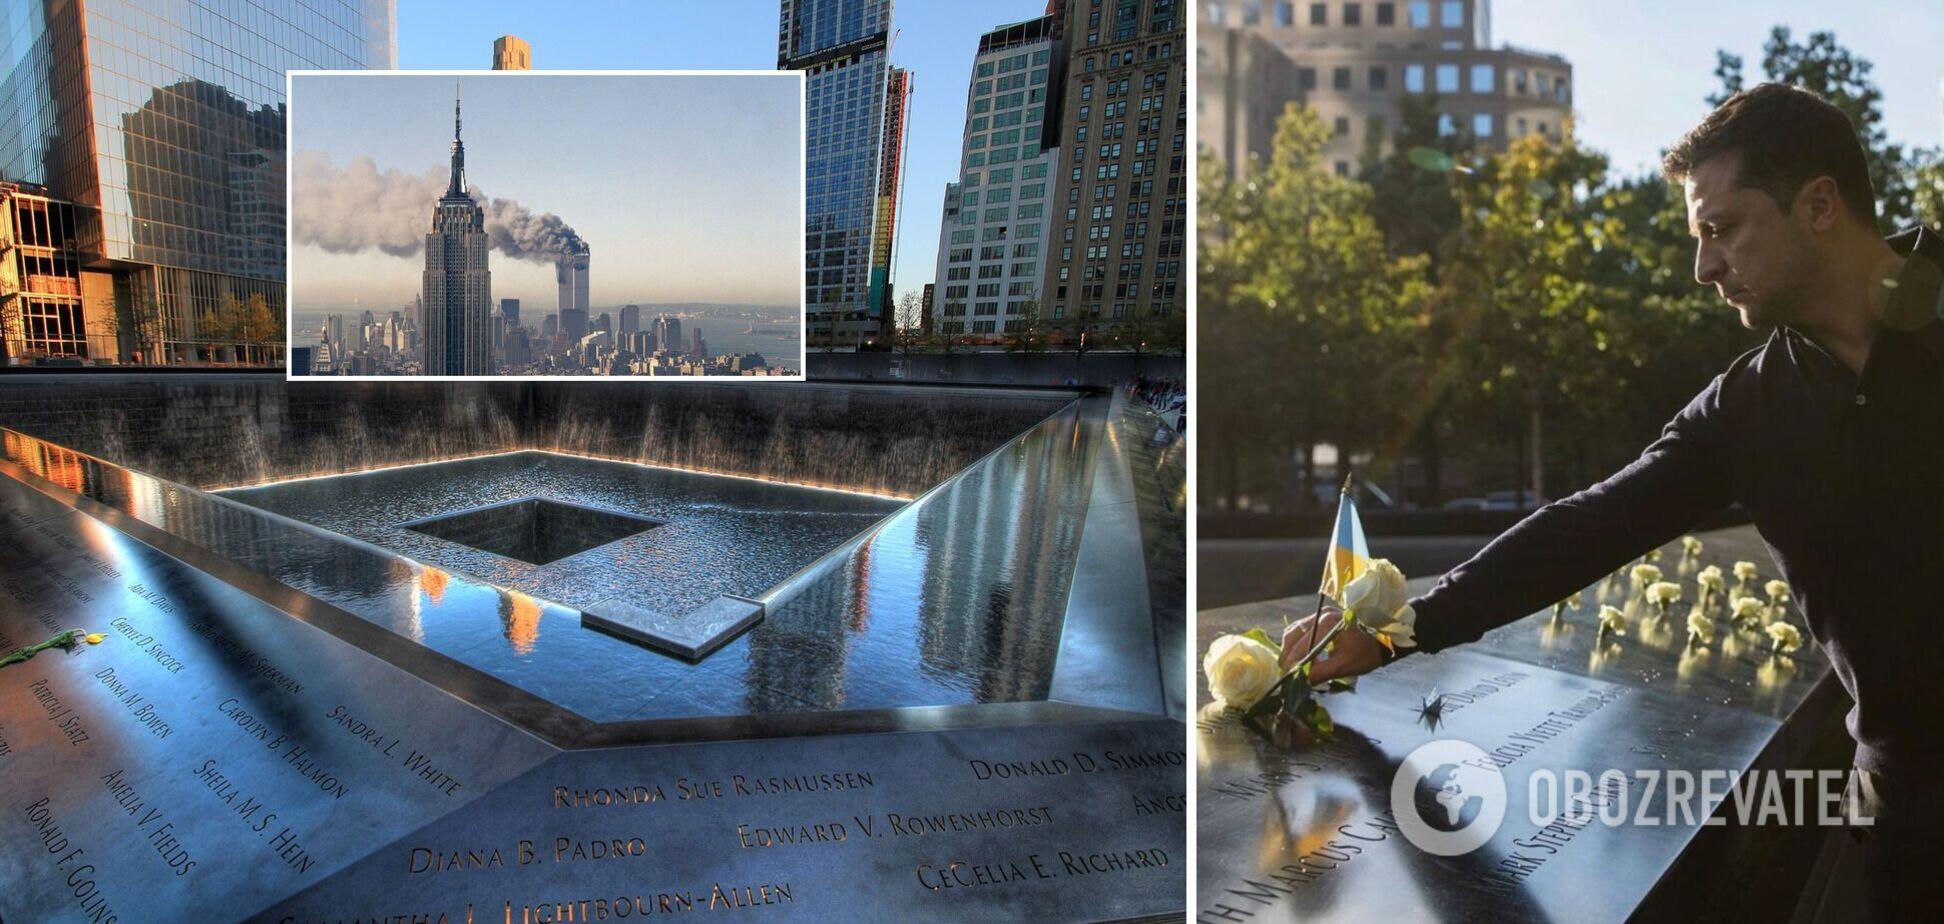 Зеленський вшанував пам'ять загиблих 11 вересня в Нью-Йорку, але пост у мережі викликав питання. Фото